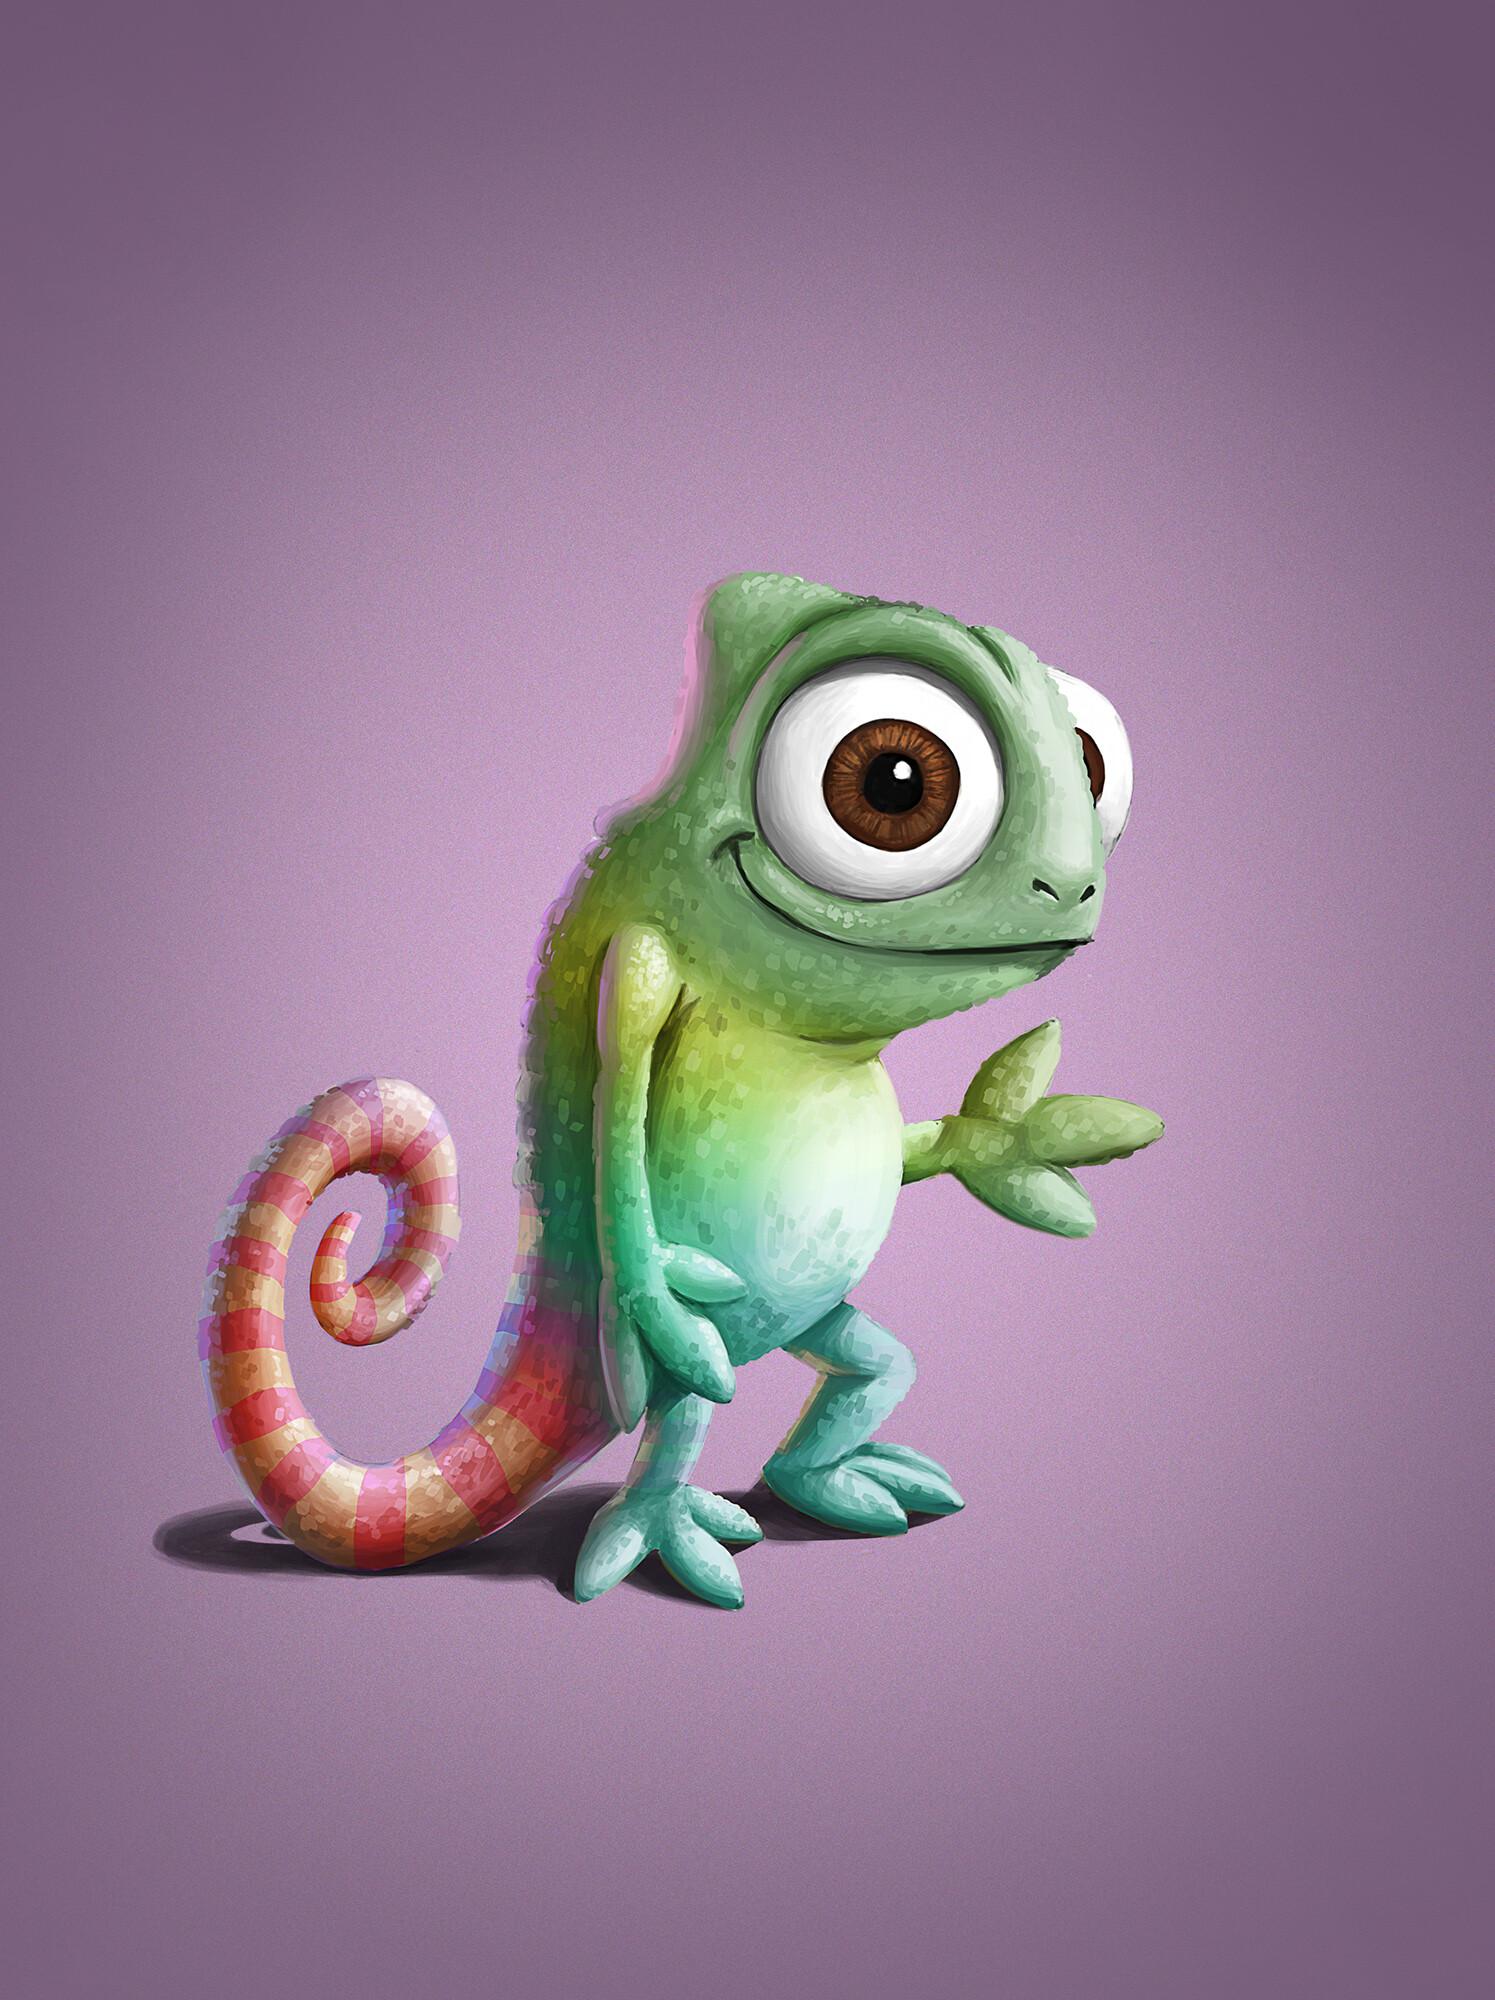 Martin fischer chameleon